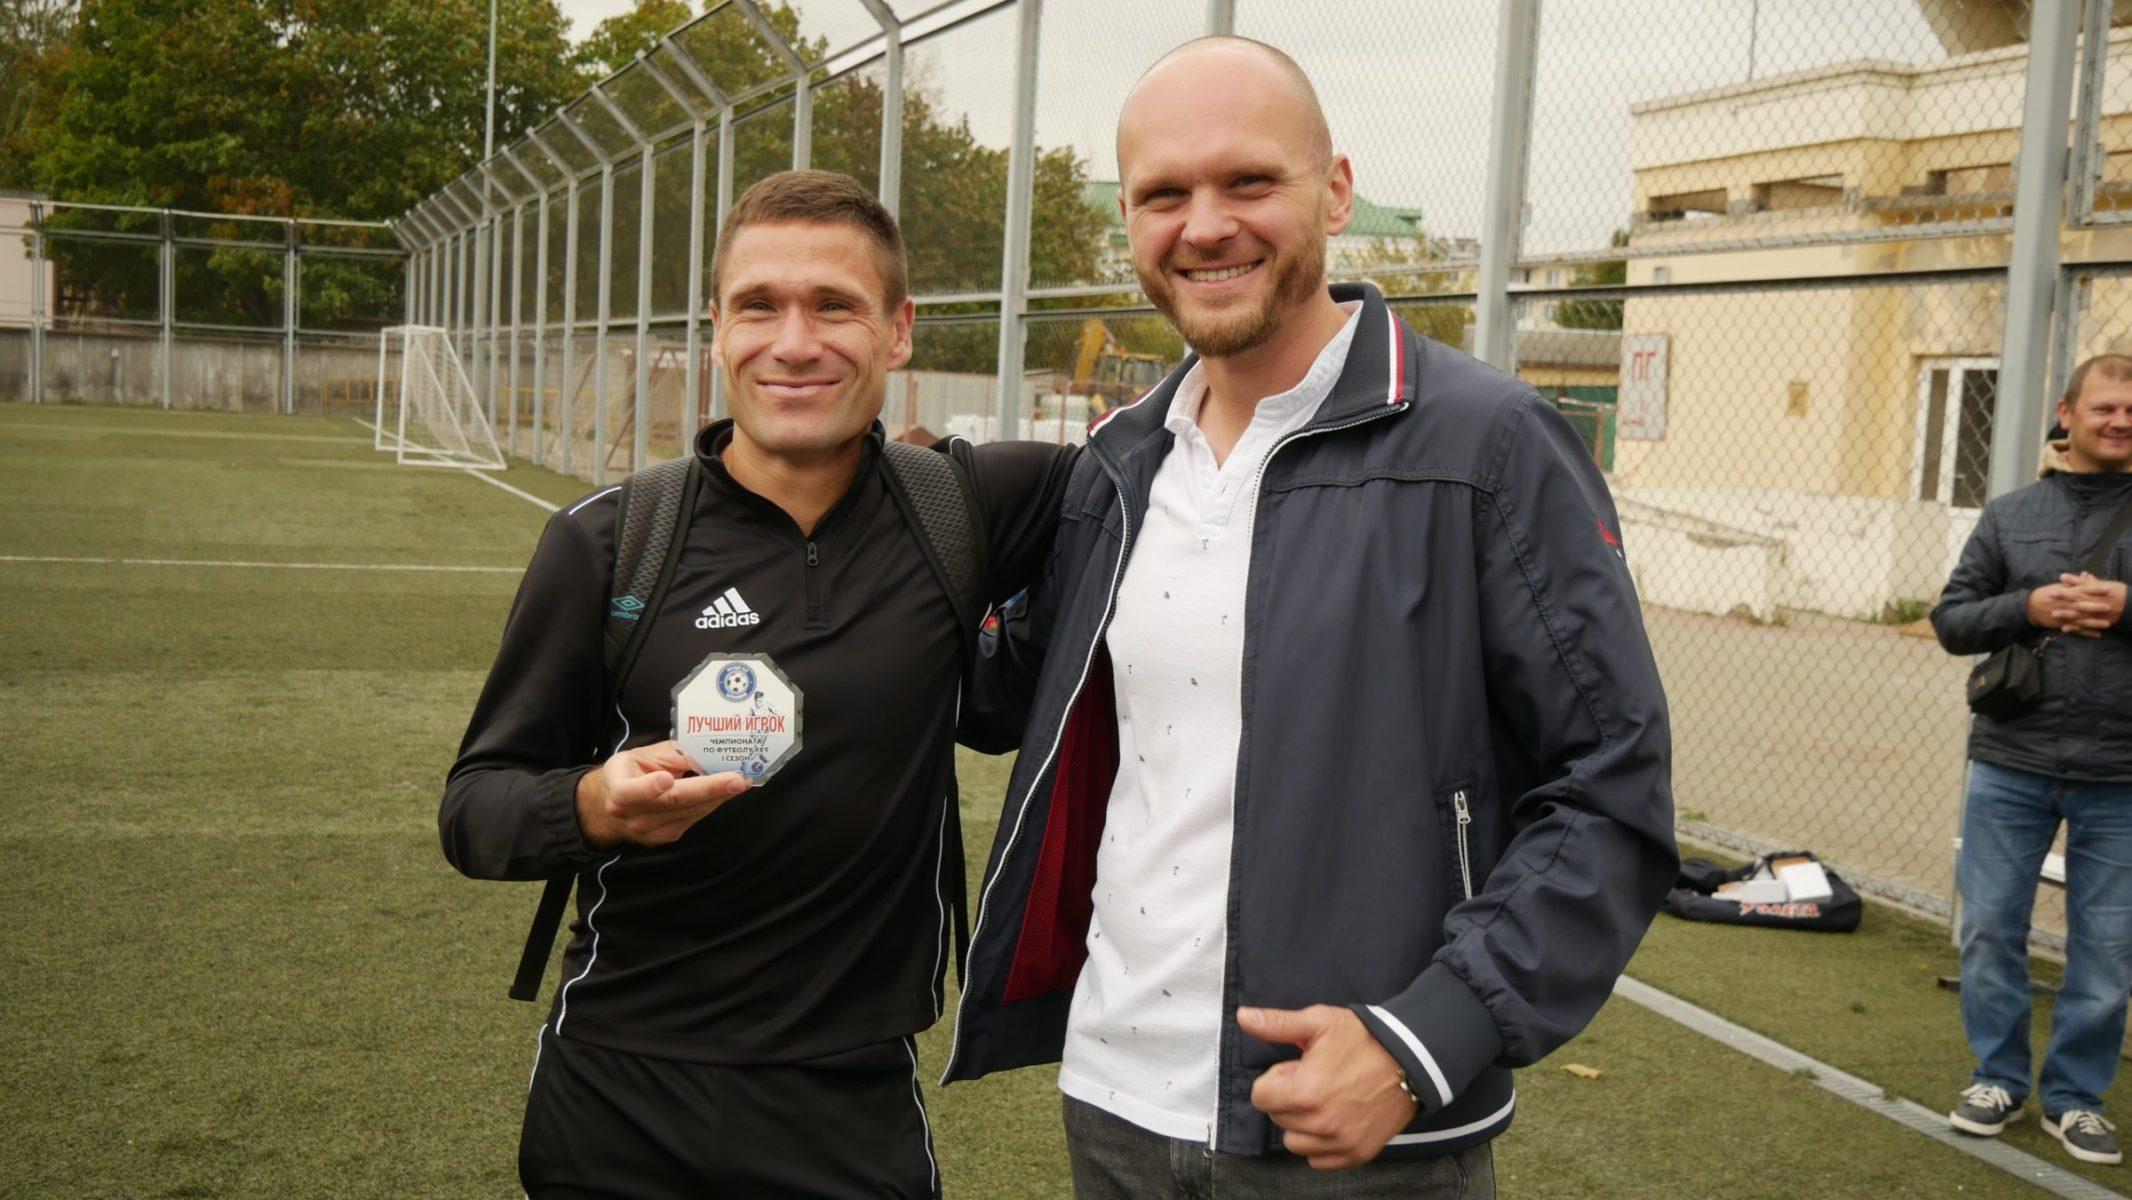 Юрий Шумский получает приз как лучший игрок турнира.